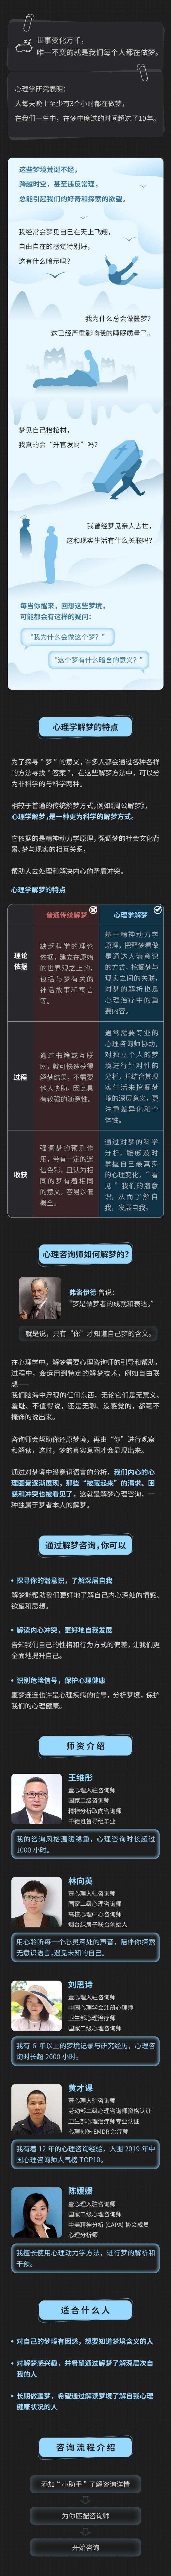 蜗牛-解梦咨询详情页.jpg